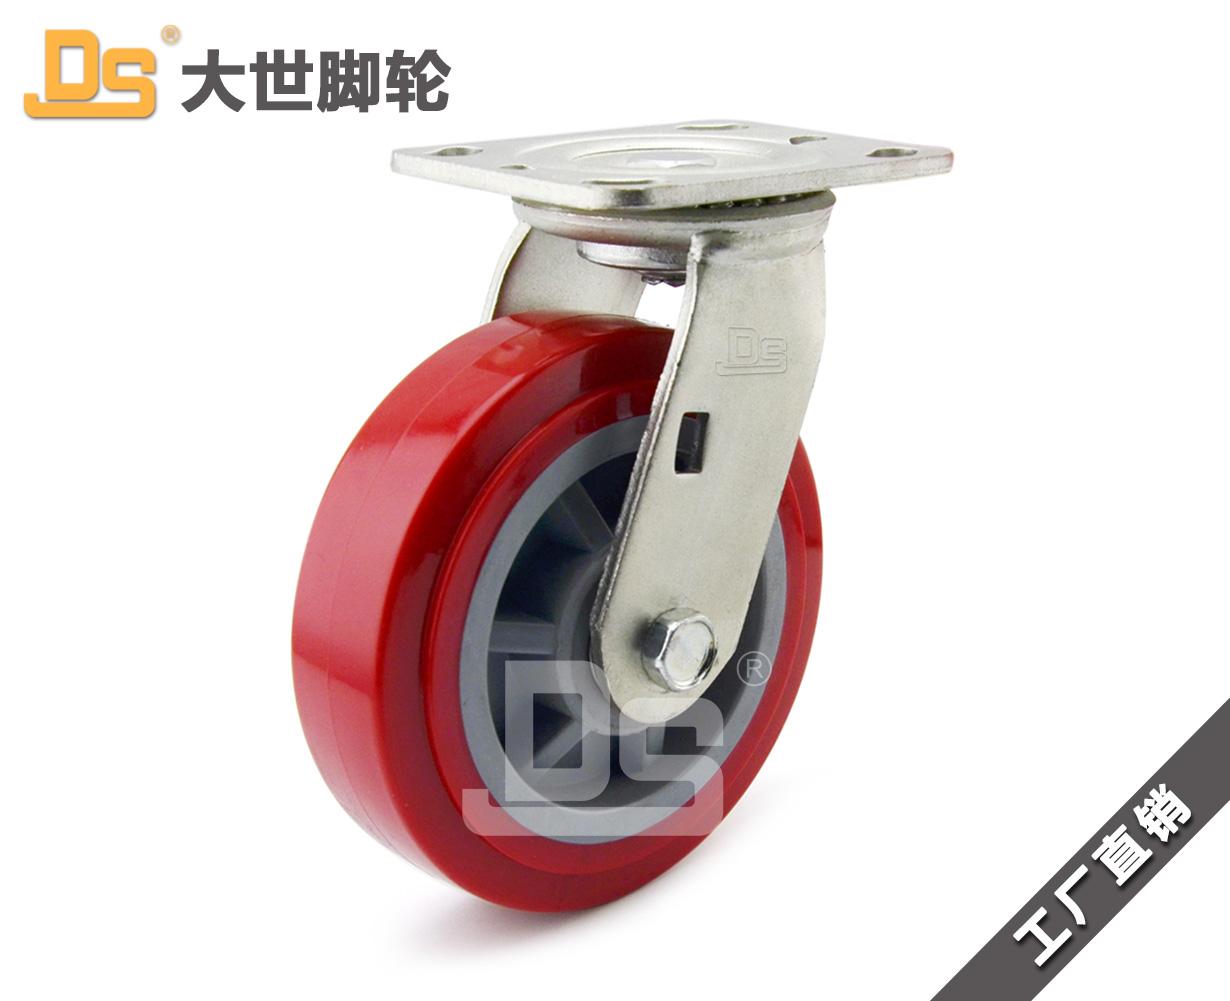 山东塑料芯pvc脚轮厂家地址|性价比高的塑料芯pvc脚轮推荐